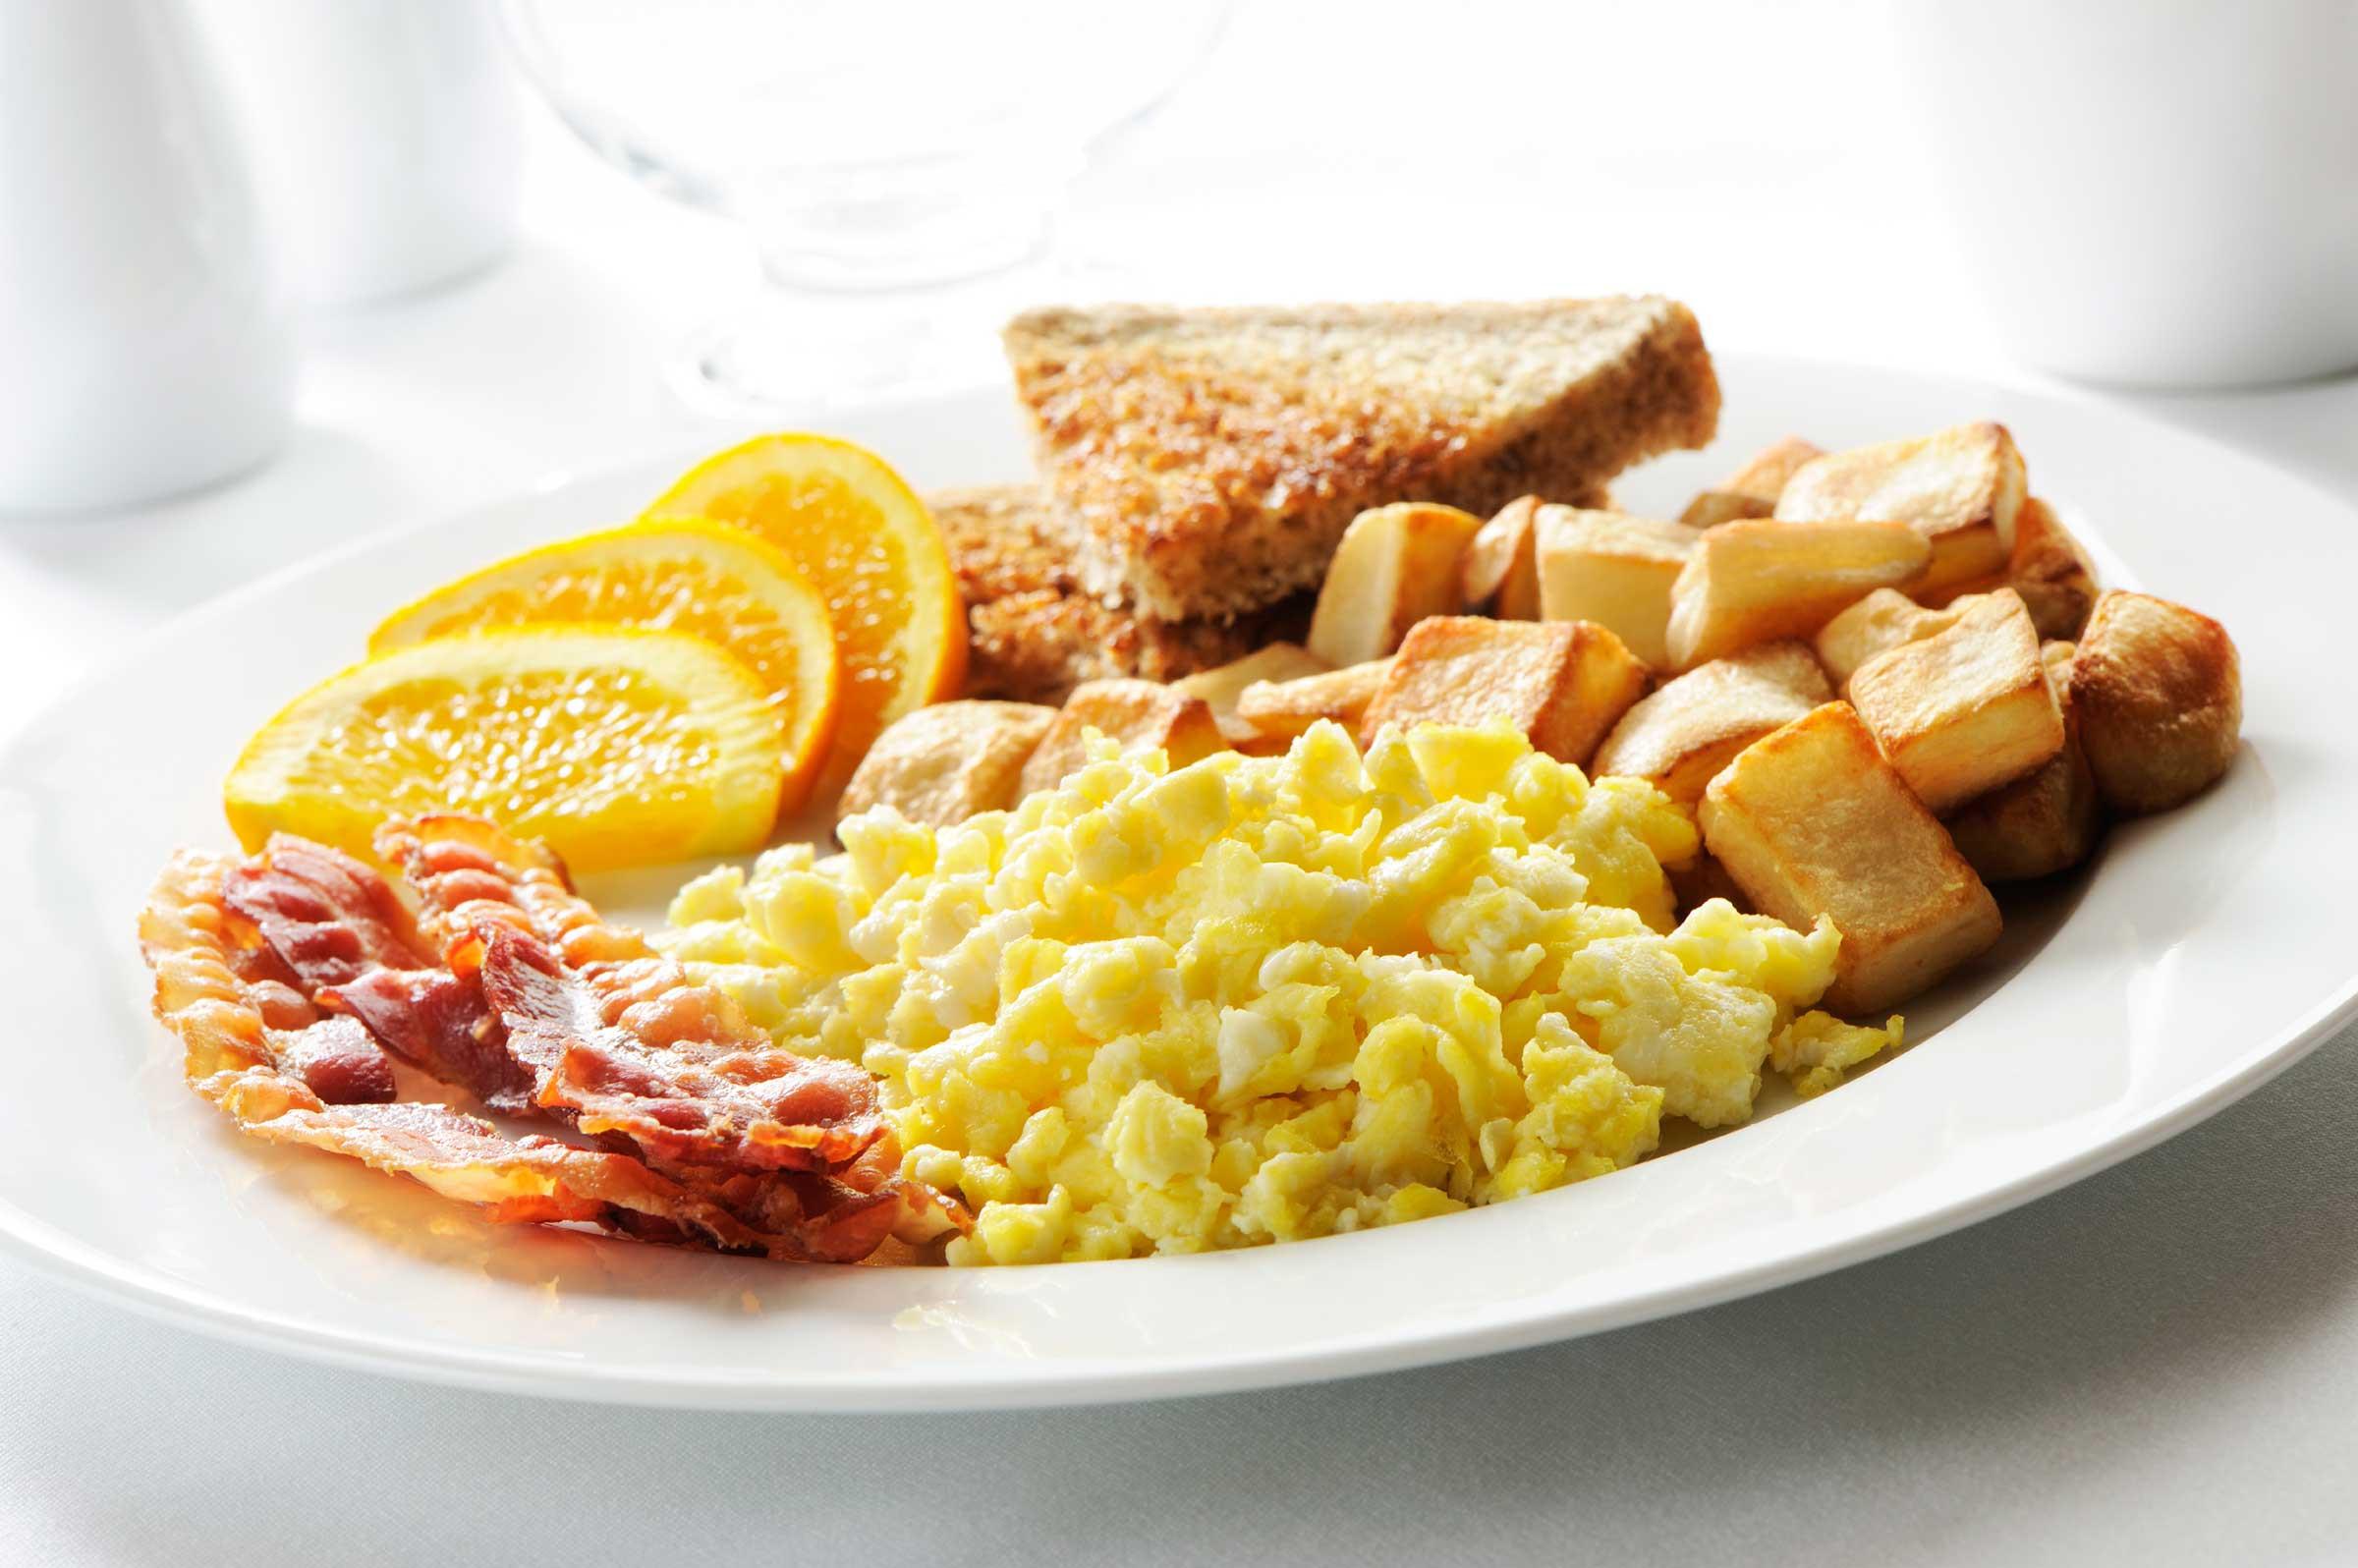 Healthy Foods For Breakfast  Diabetic Breakfast Rules All Diabetics Must Follow